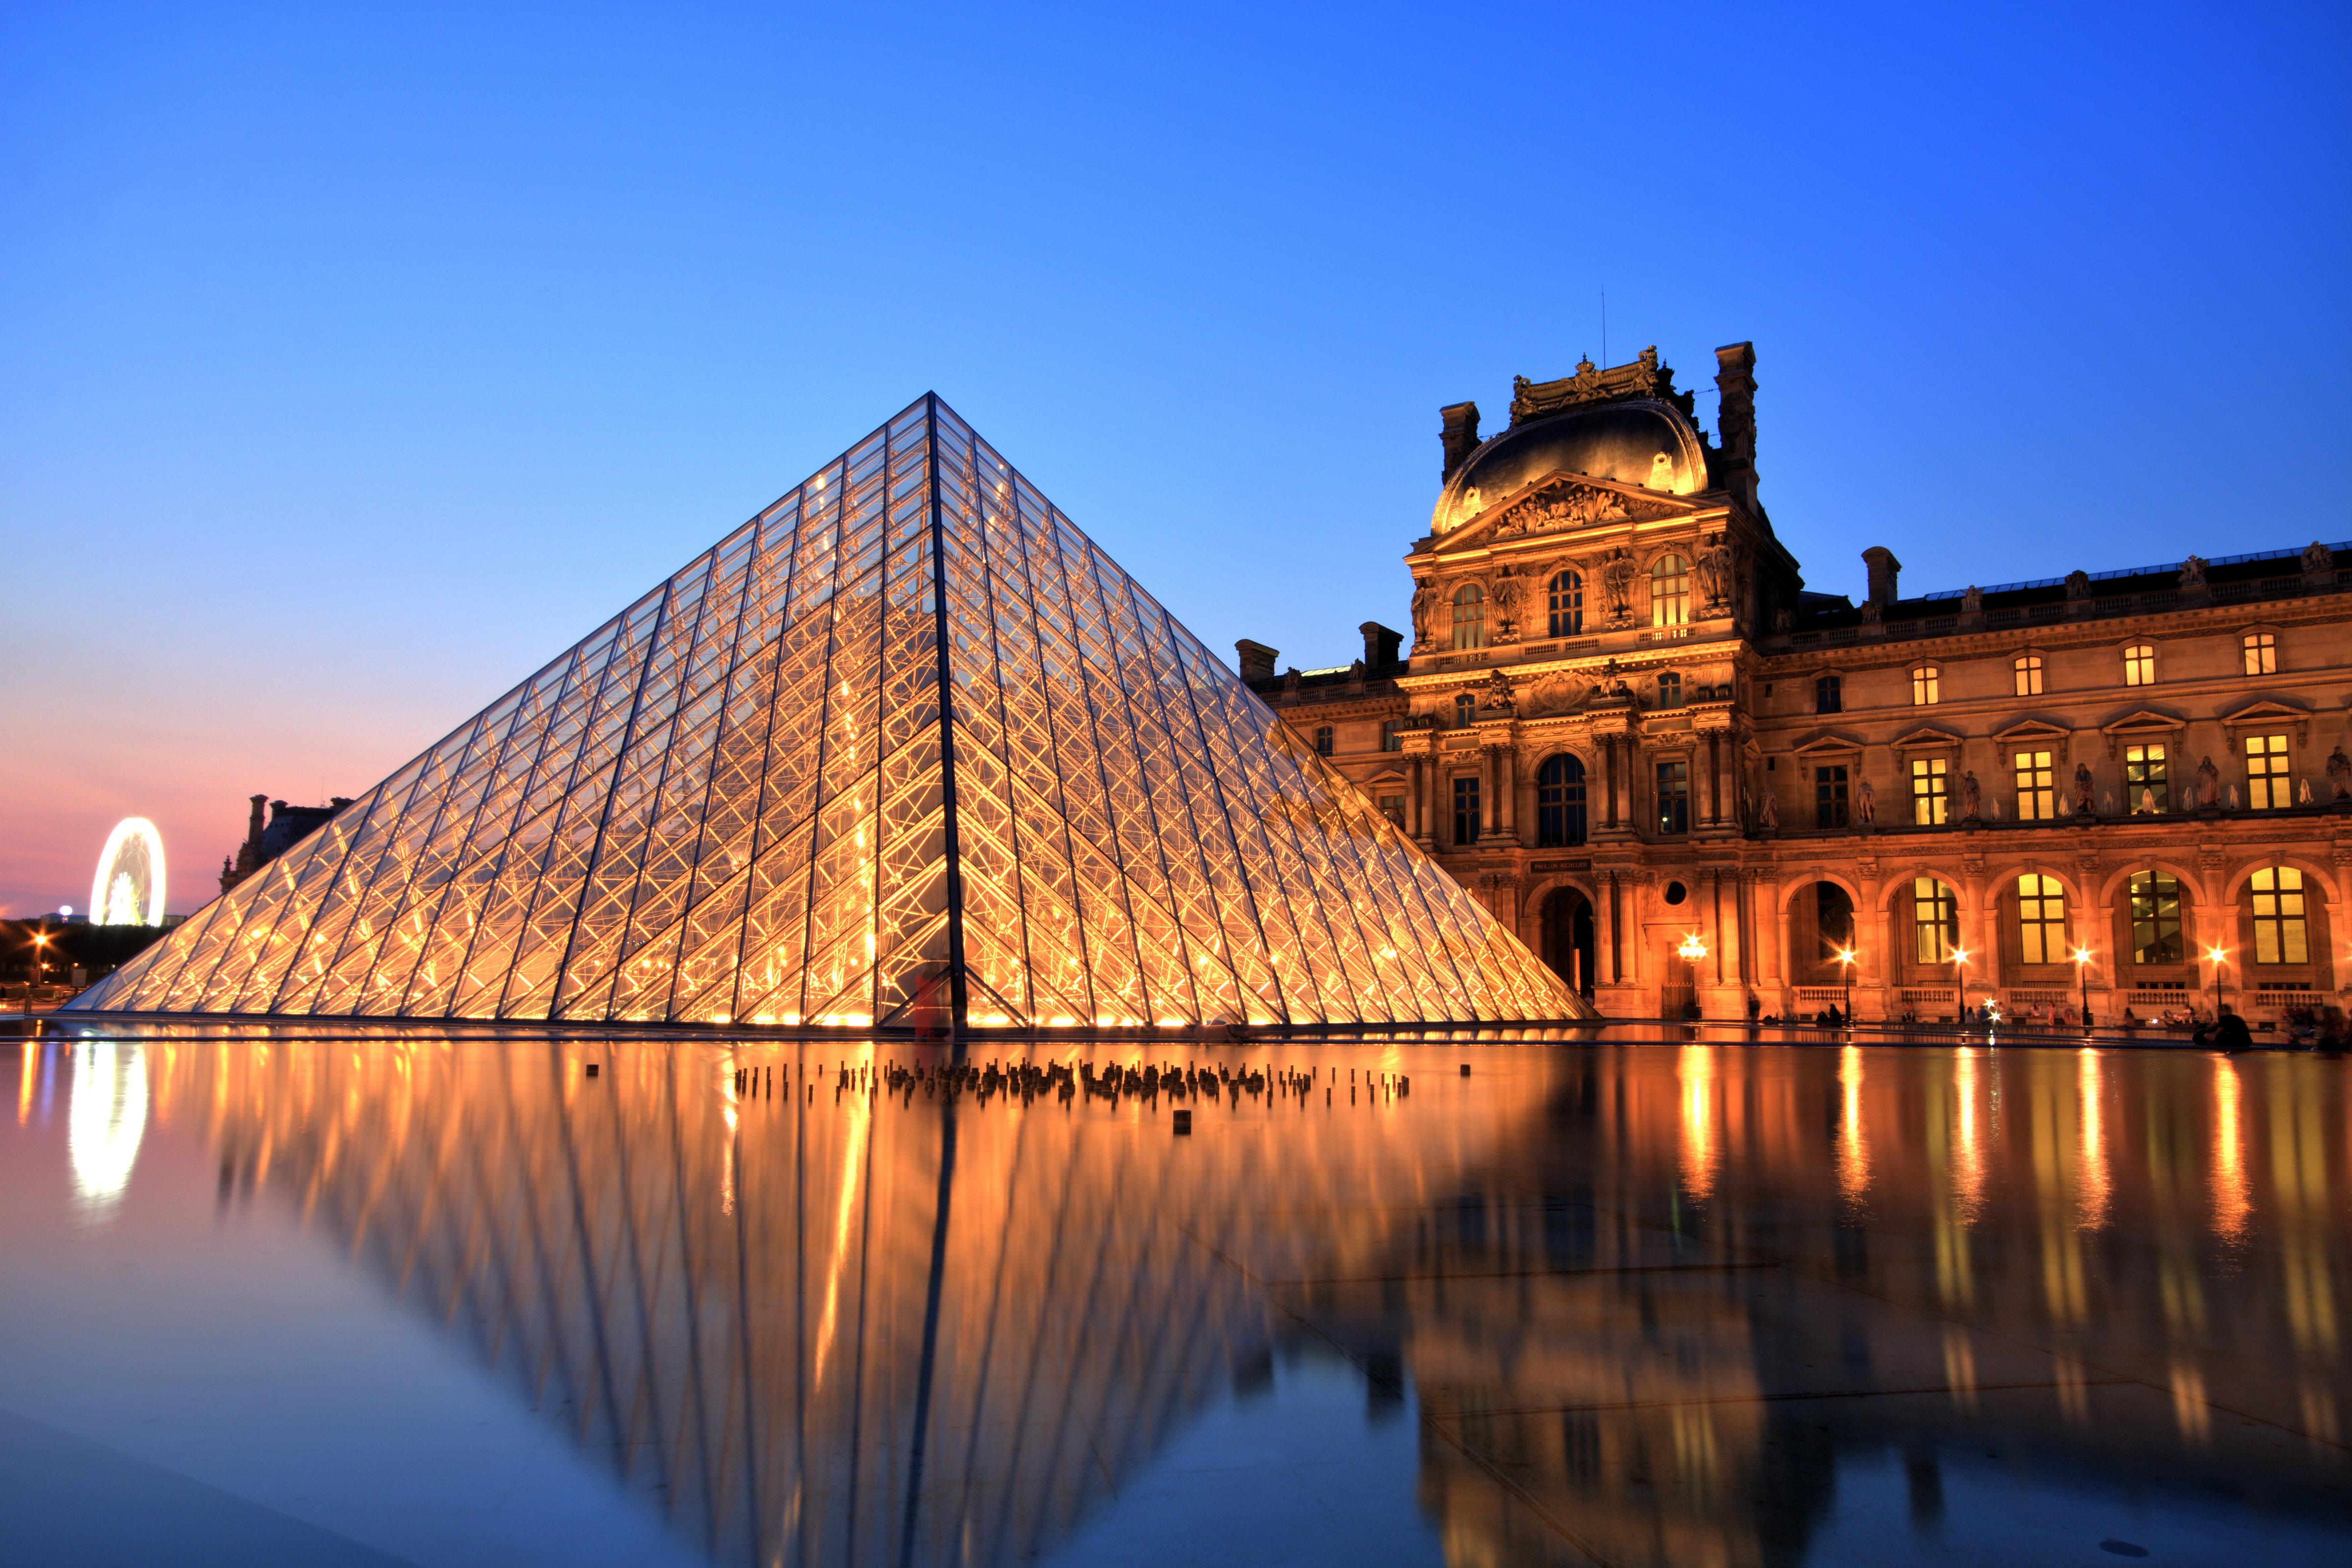 Το μουσείο του Λούβρου ίσως να βρήκε τον καλύτερο τρόπο να διεκδικήσει τα κλεμμένα έργα